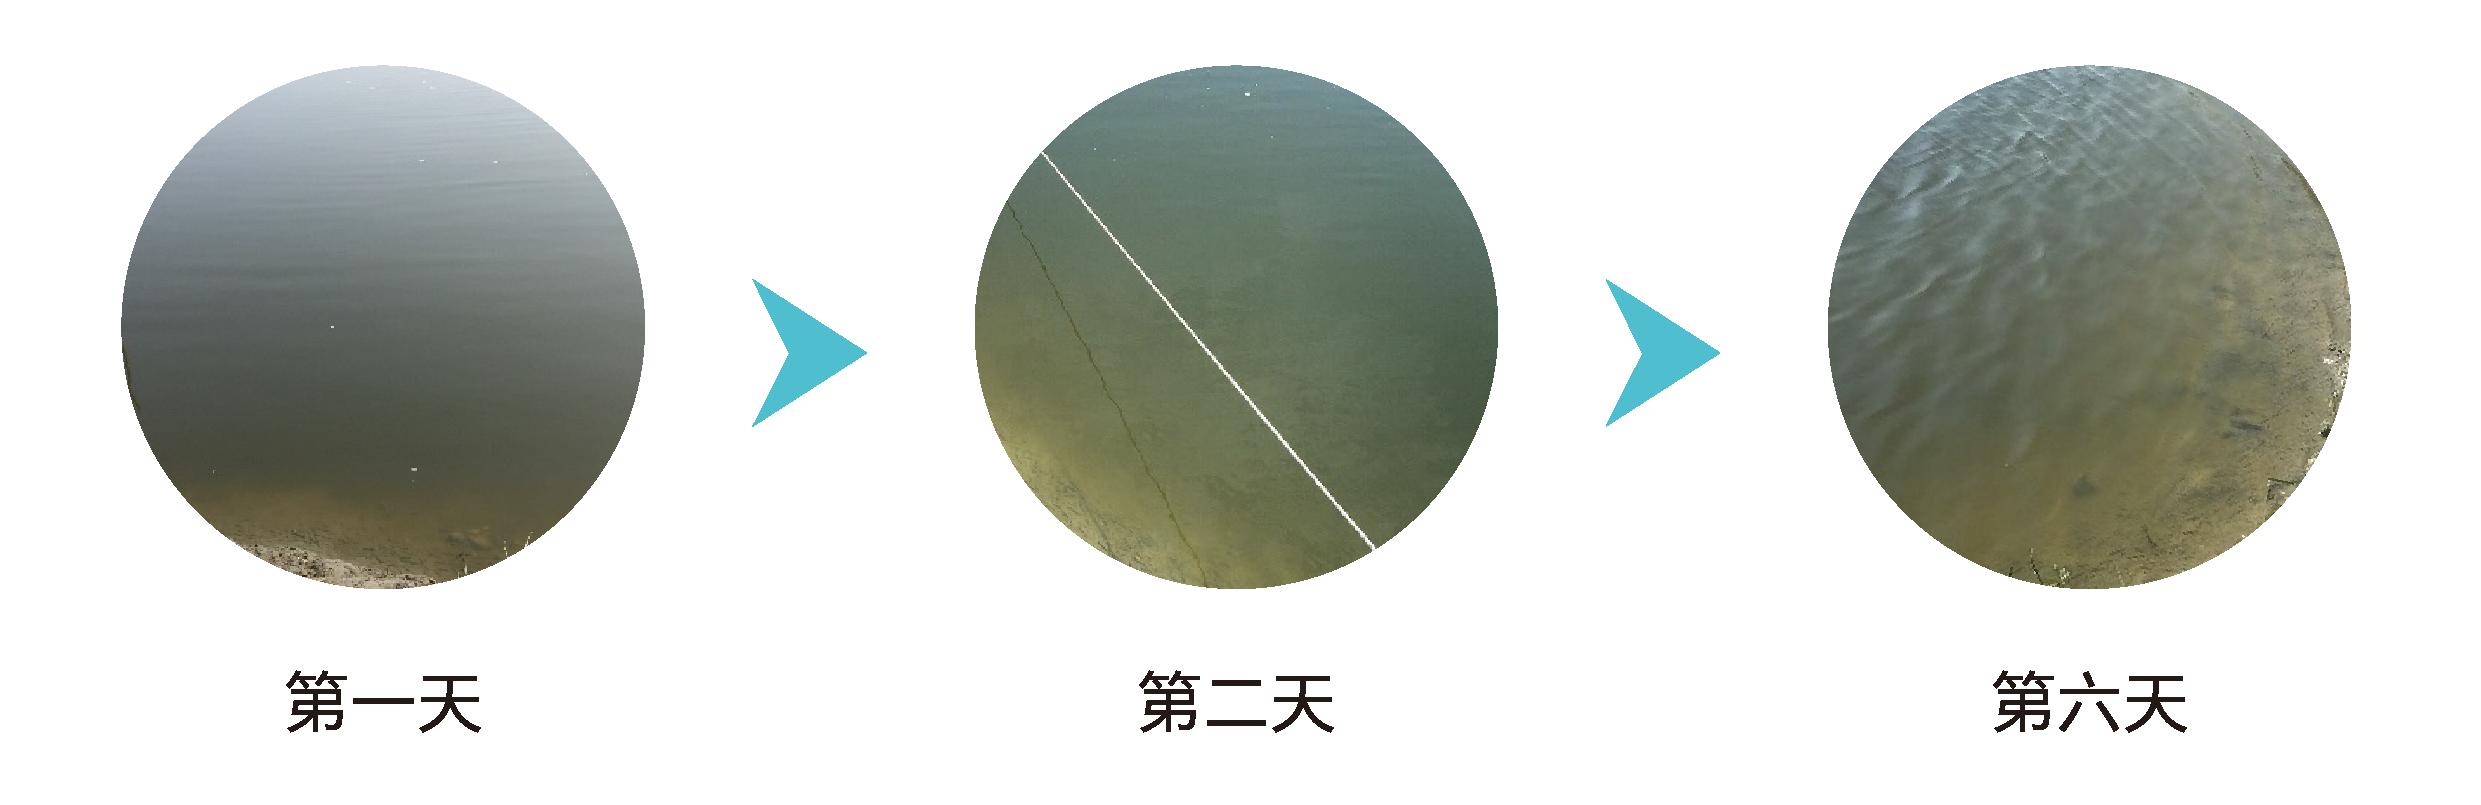 水益旺™水質改良劑可顯著改善魚池之水色